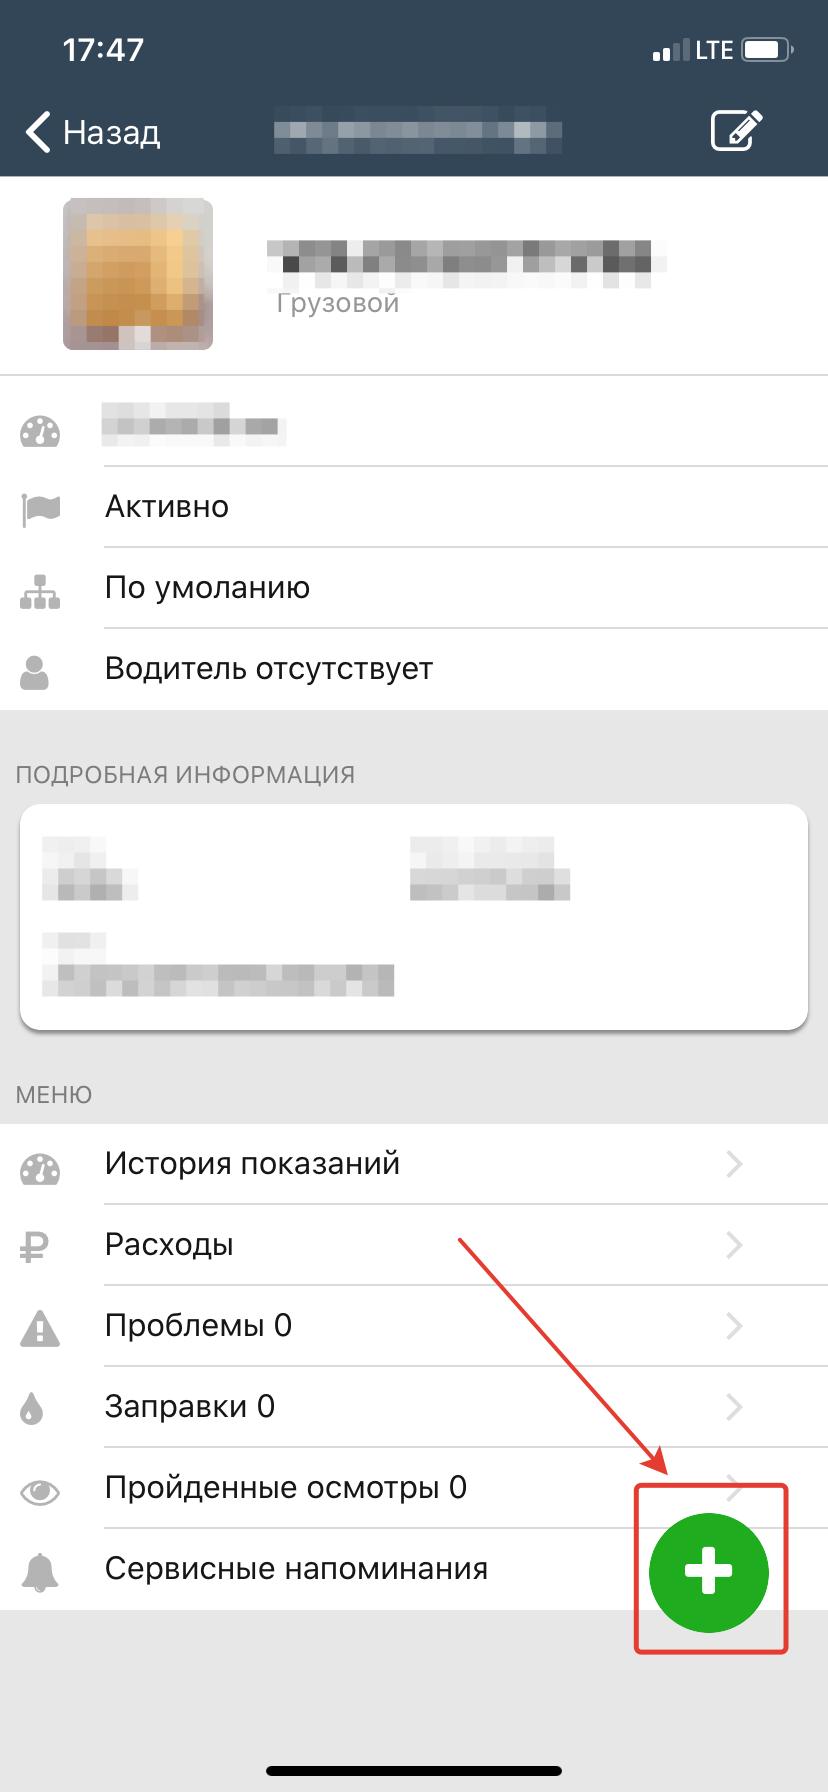 Мобильное приложение Завгар Онлайн - прохождение электронного технического осмотра 1